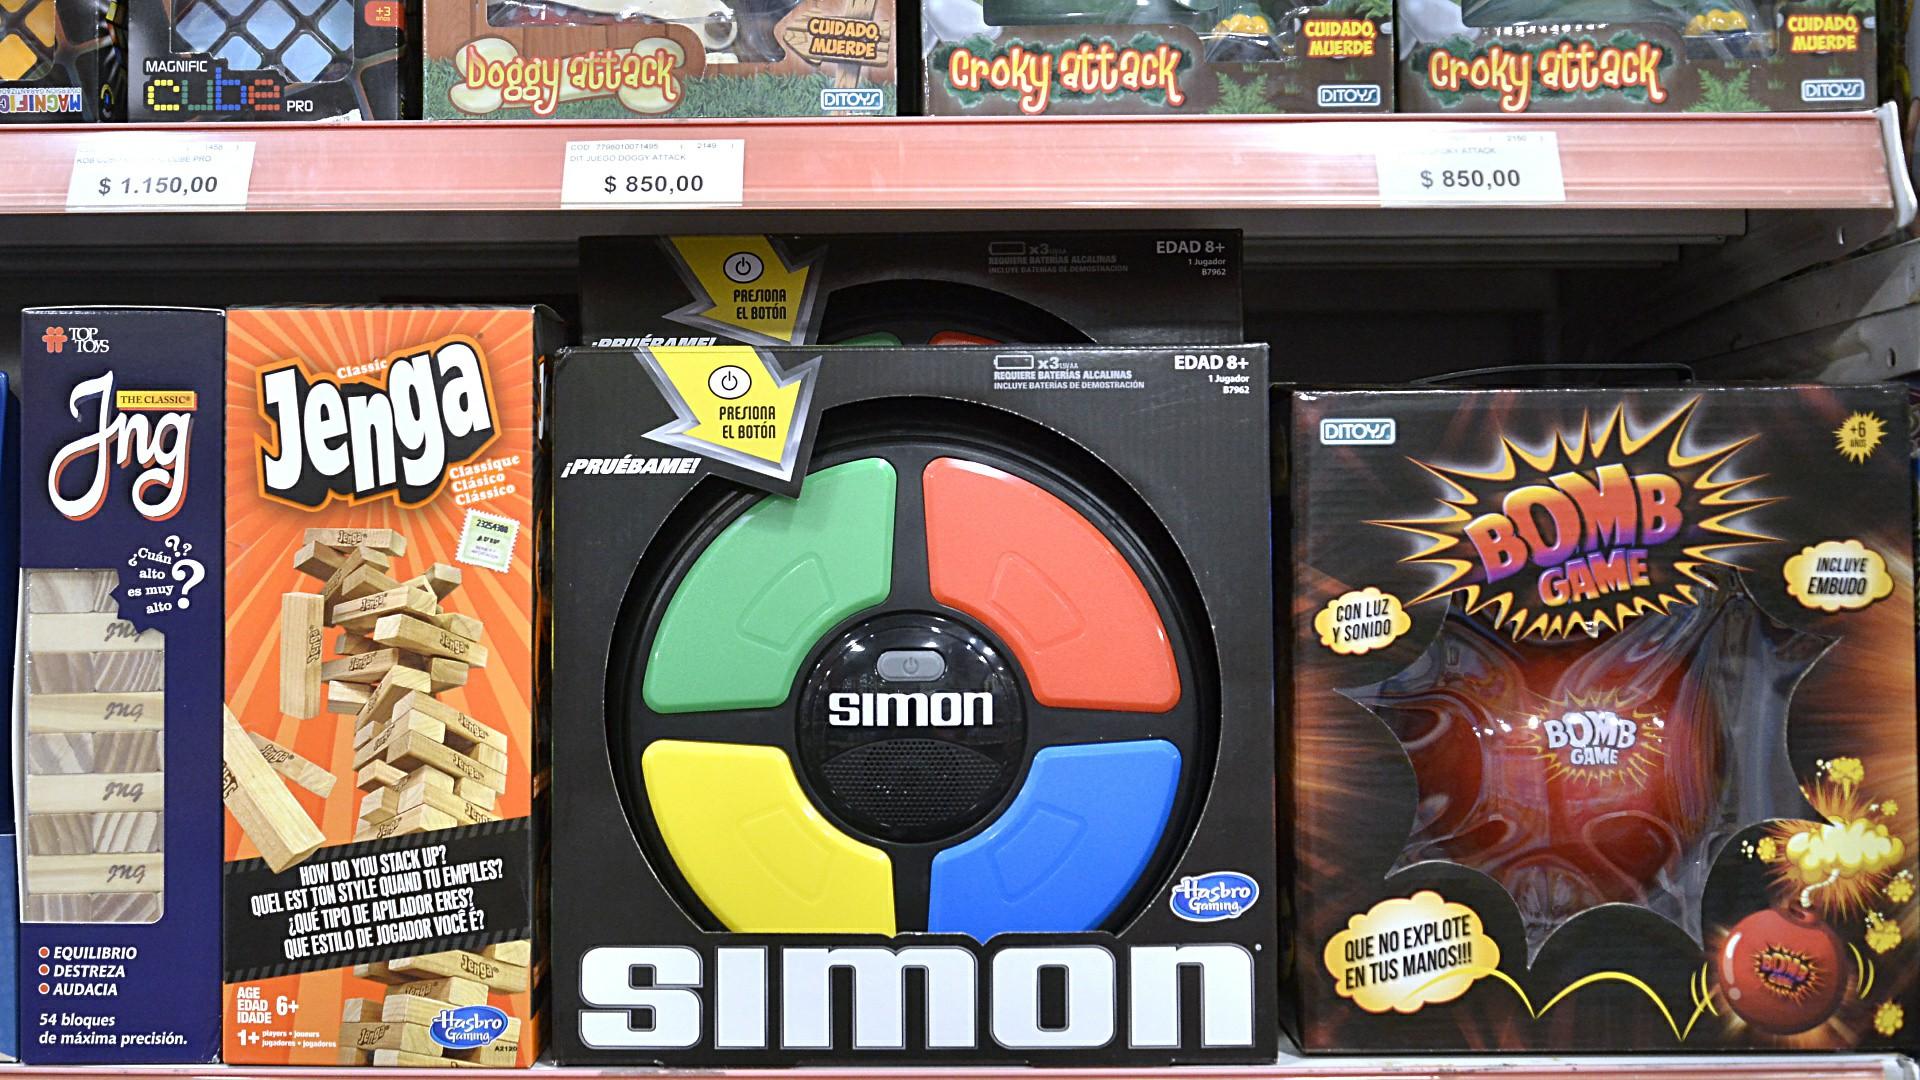 El Jenga y el Simon, juguetes clásicos, que trascienden generaciones